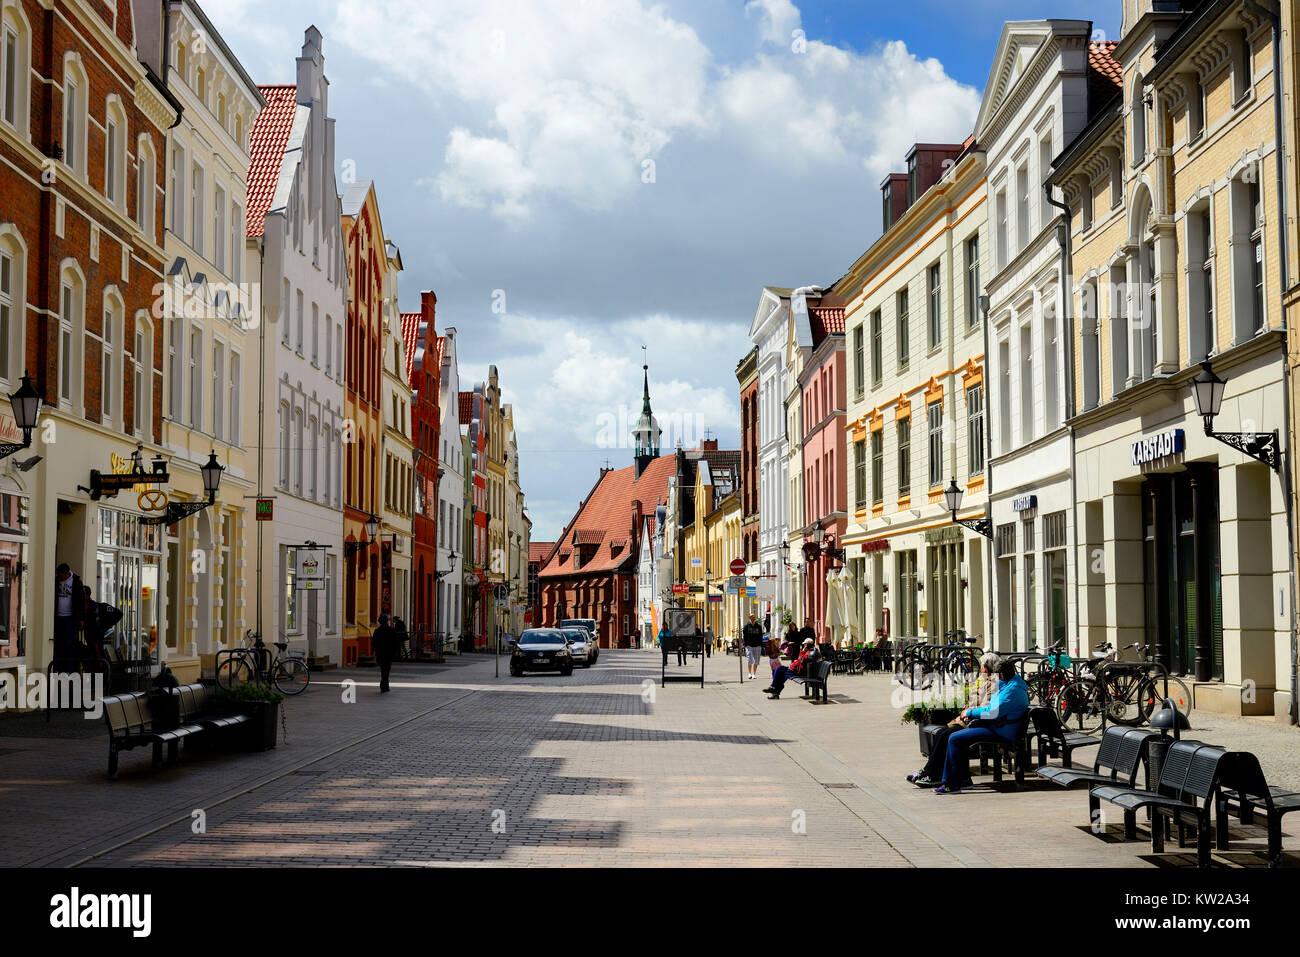 Wismar, L?bsche street with holy mind church, Lübsche Strasse mit Heiligen Geist Kirche - Stock Image